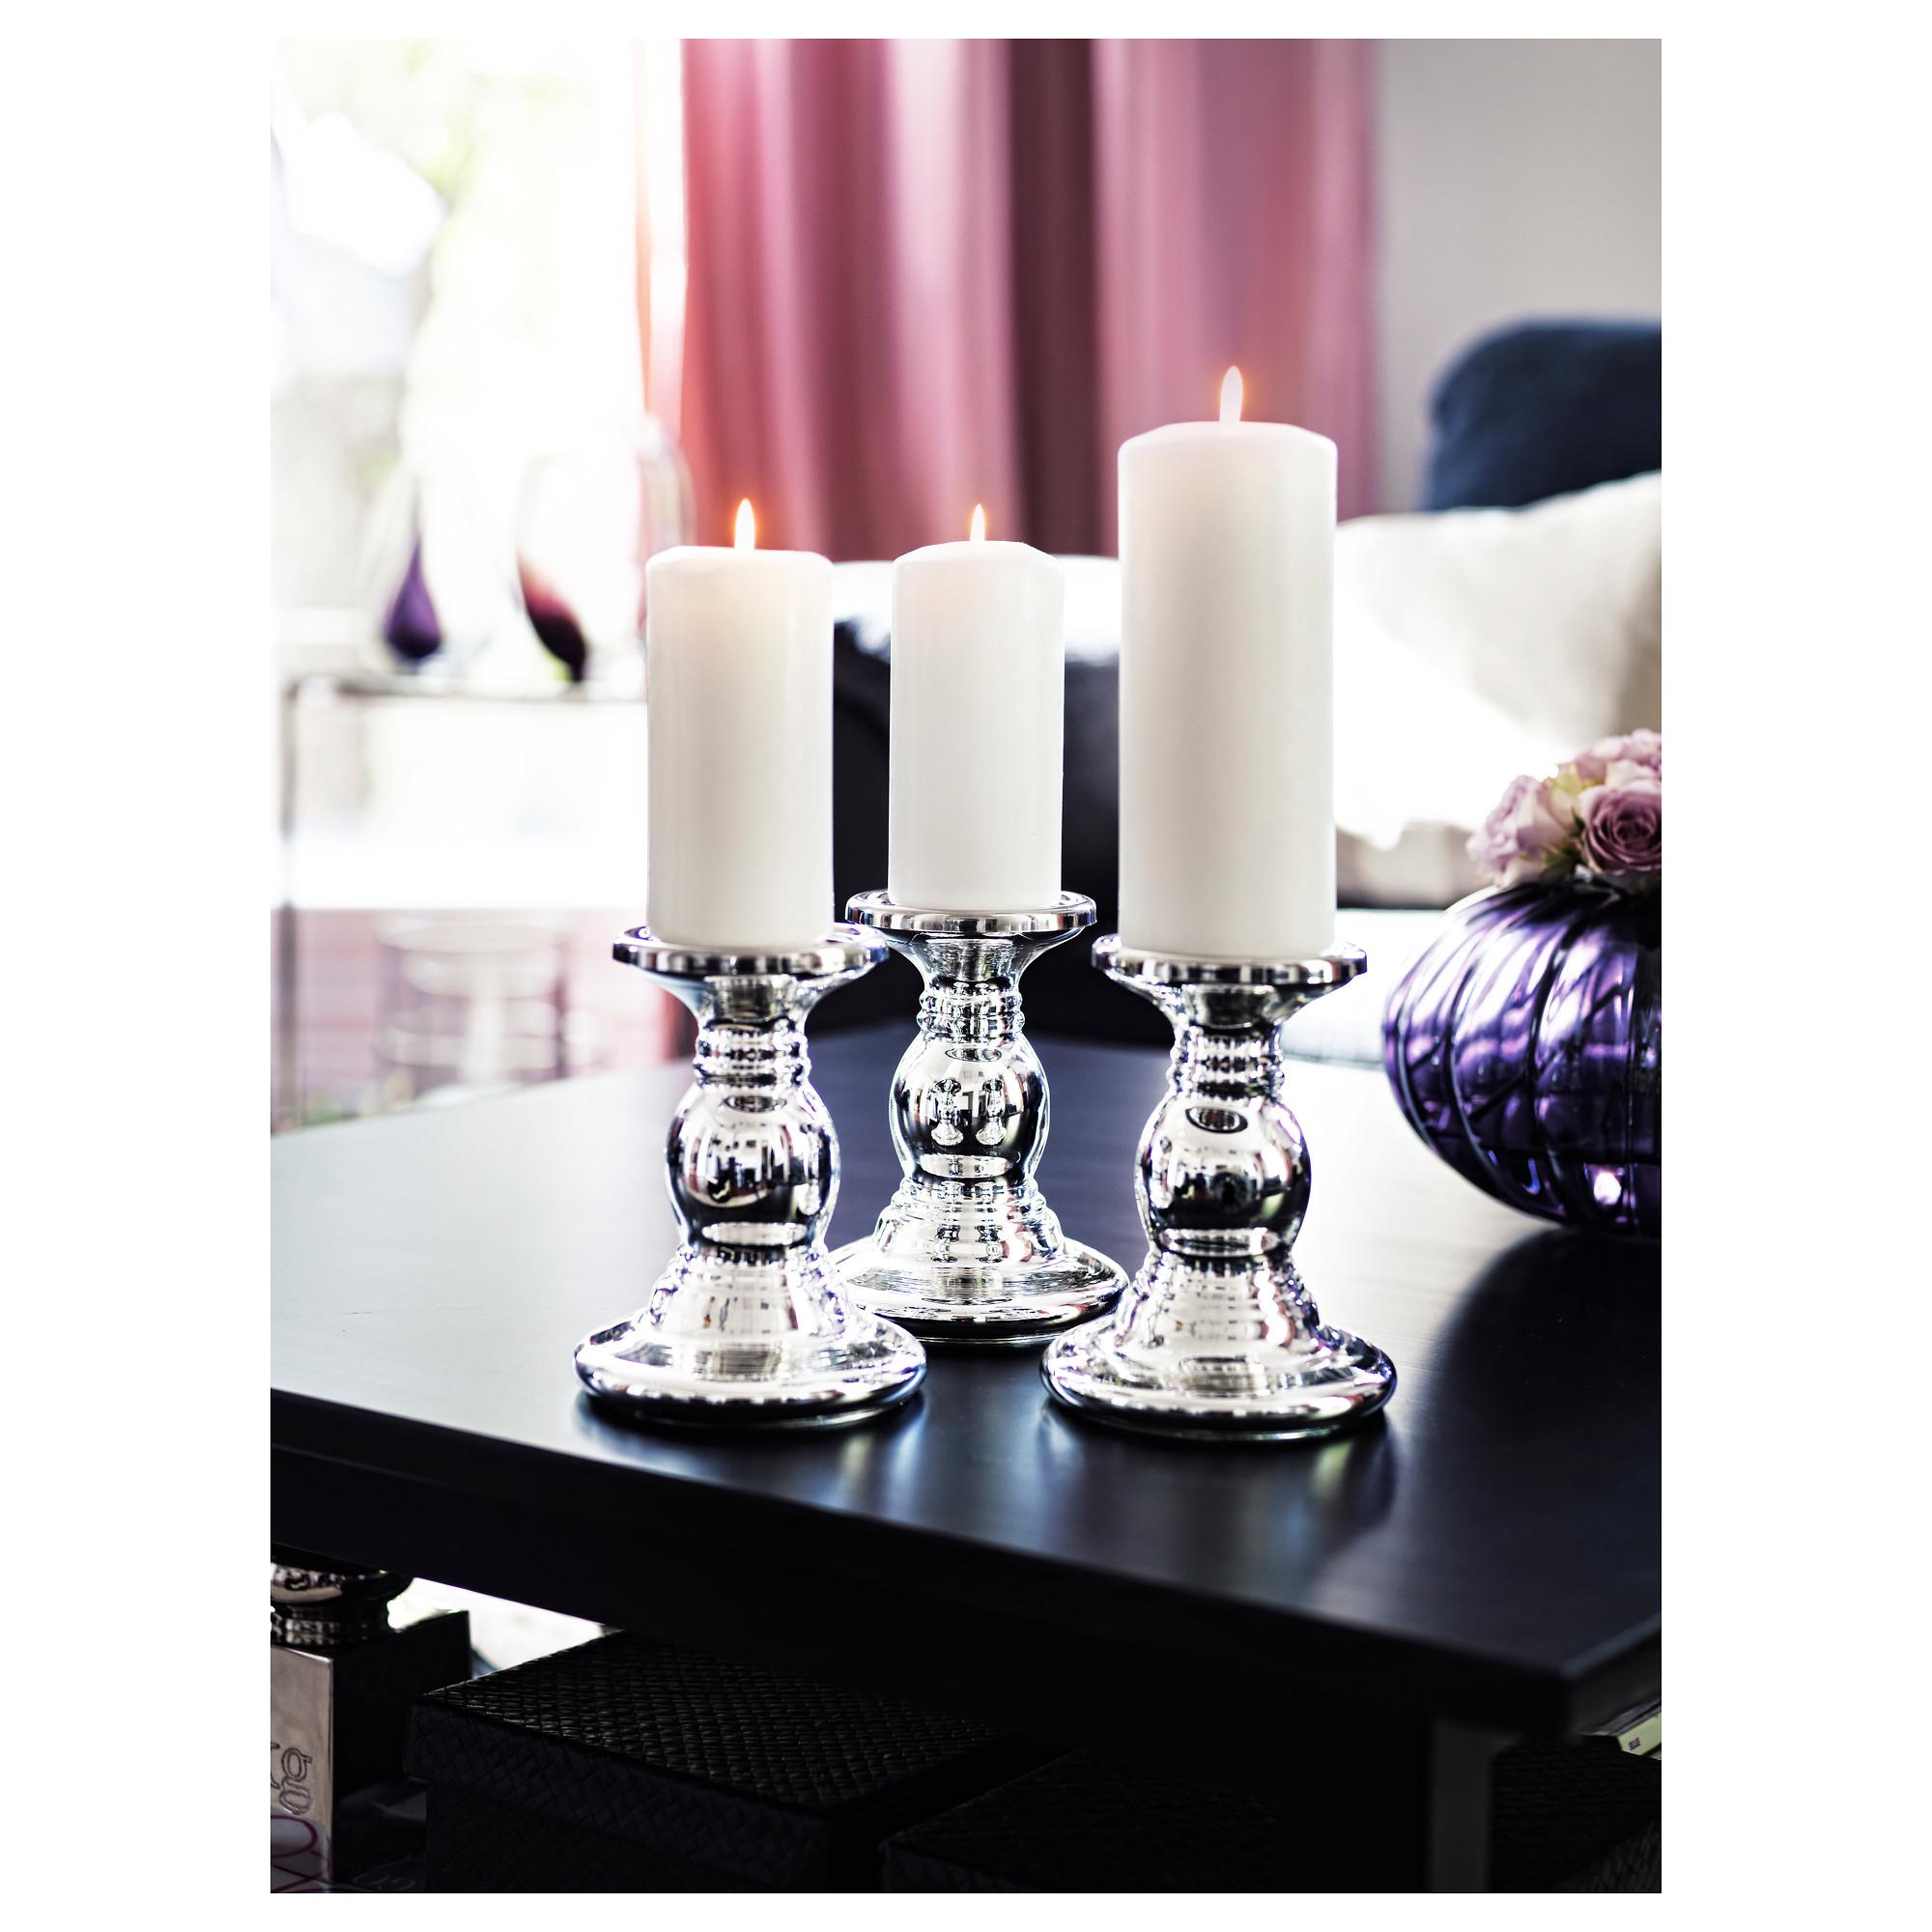 Kerzenständer Silber Ikea купить подсвечник для формовой свечи шиммер стекло серебристый в